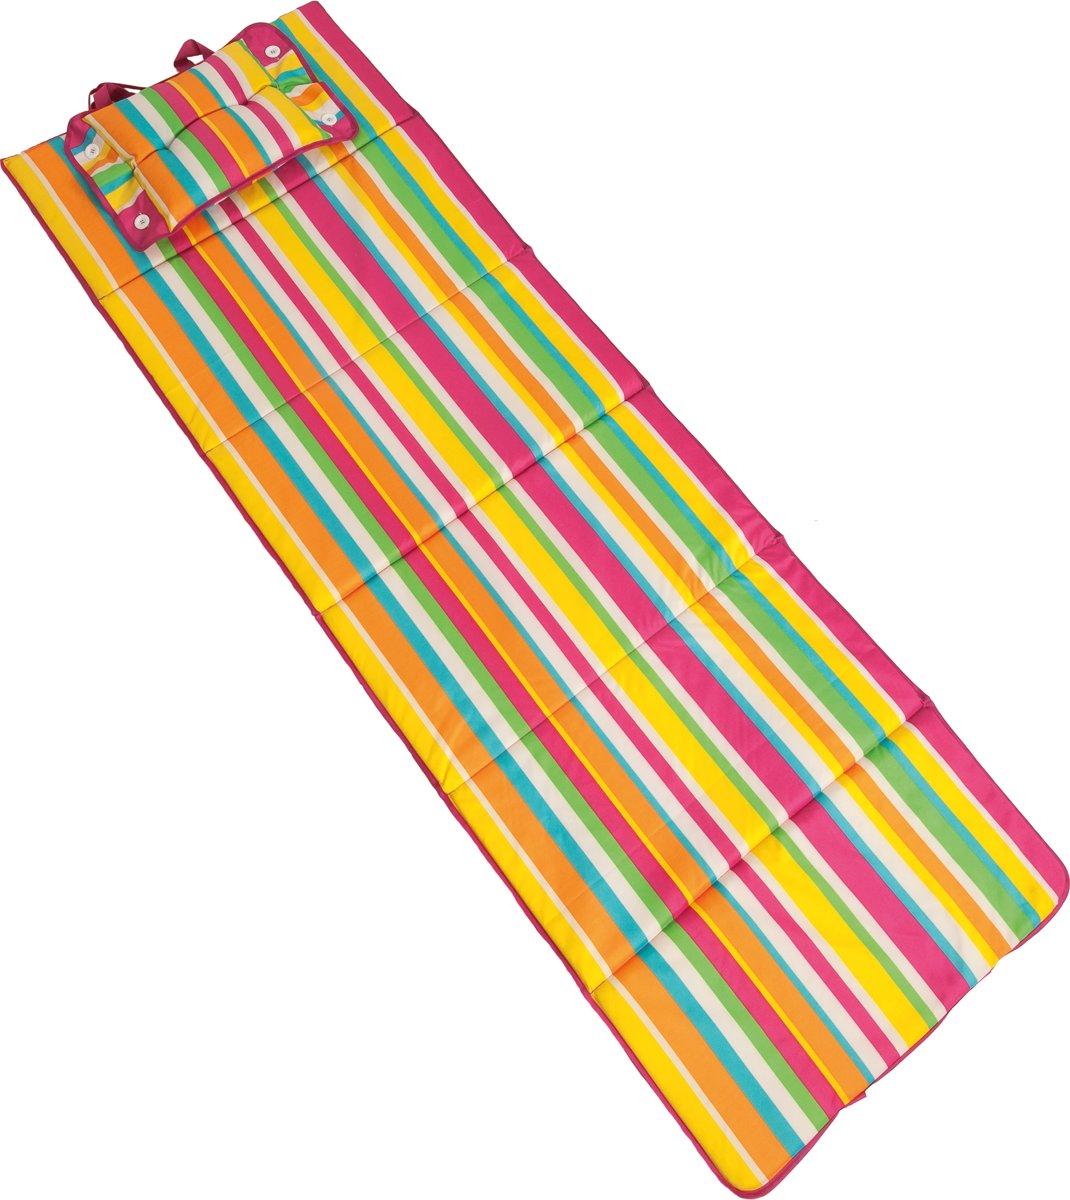 Tiseco strandmat - incl. kussen - 183x61cm kopen